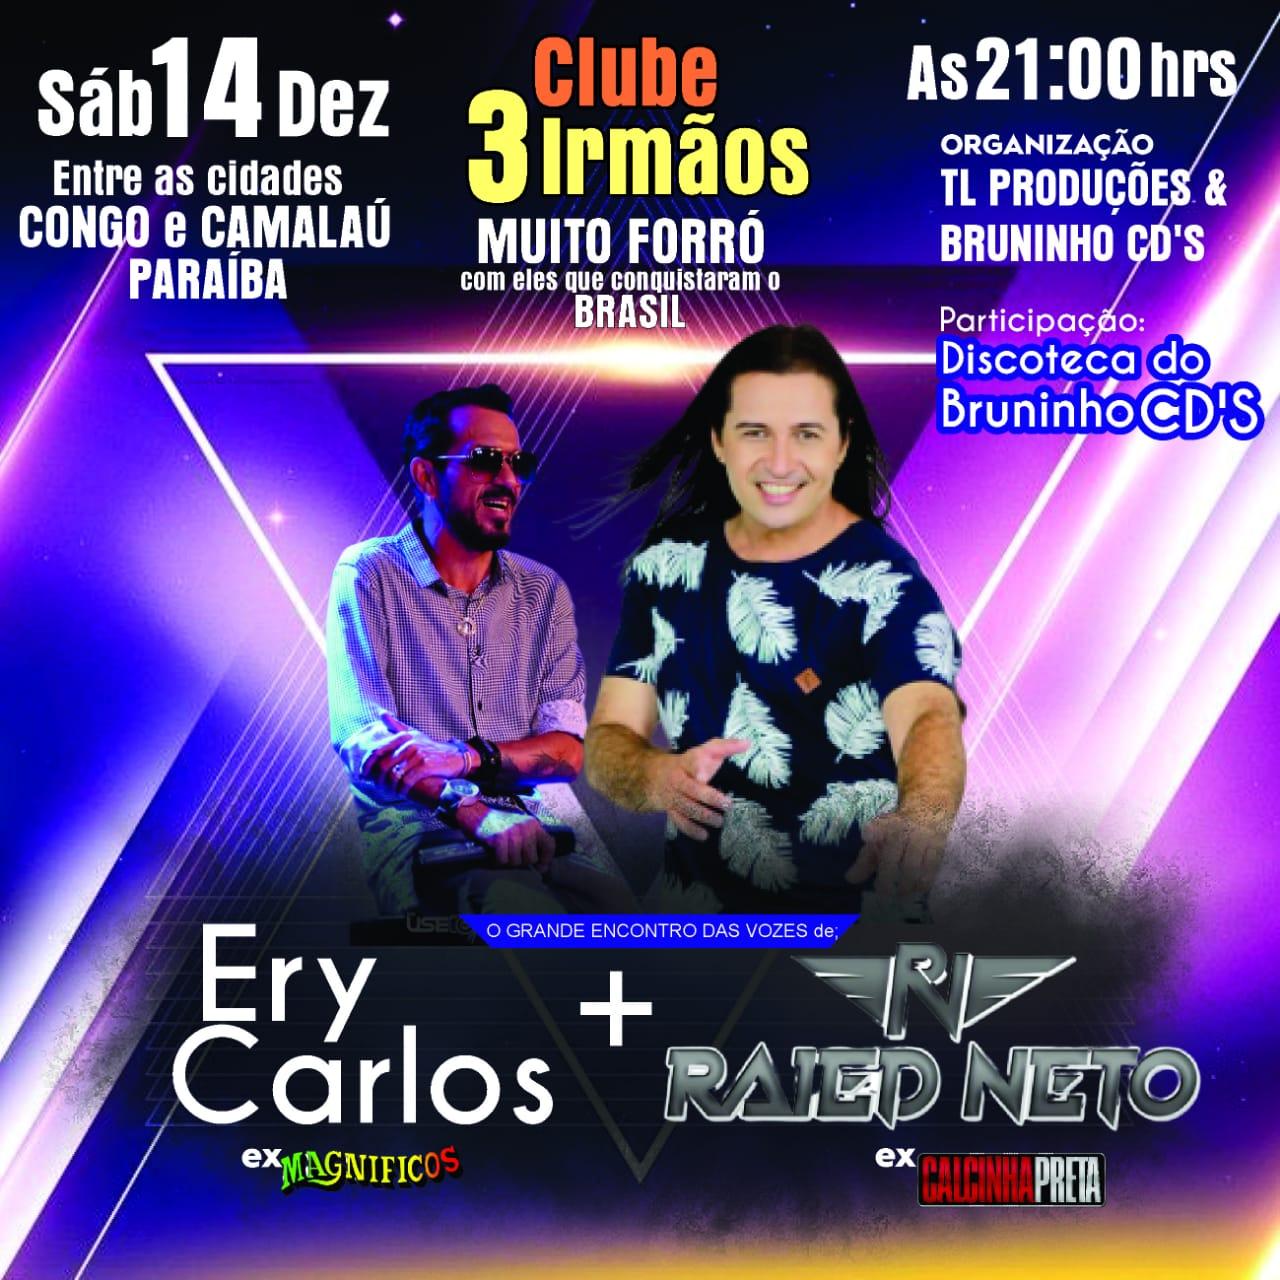 WhatsApp-Image-2019-11-10-at-09.58.56 Sábado 14 de dezembro Ery Carlos & Raied Neto em Camalaú